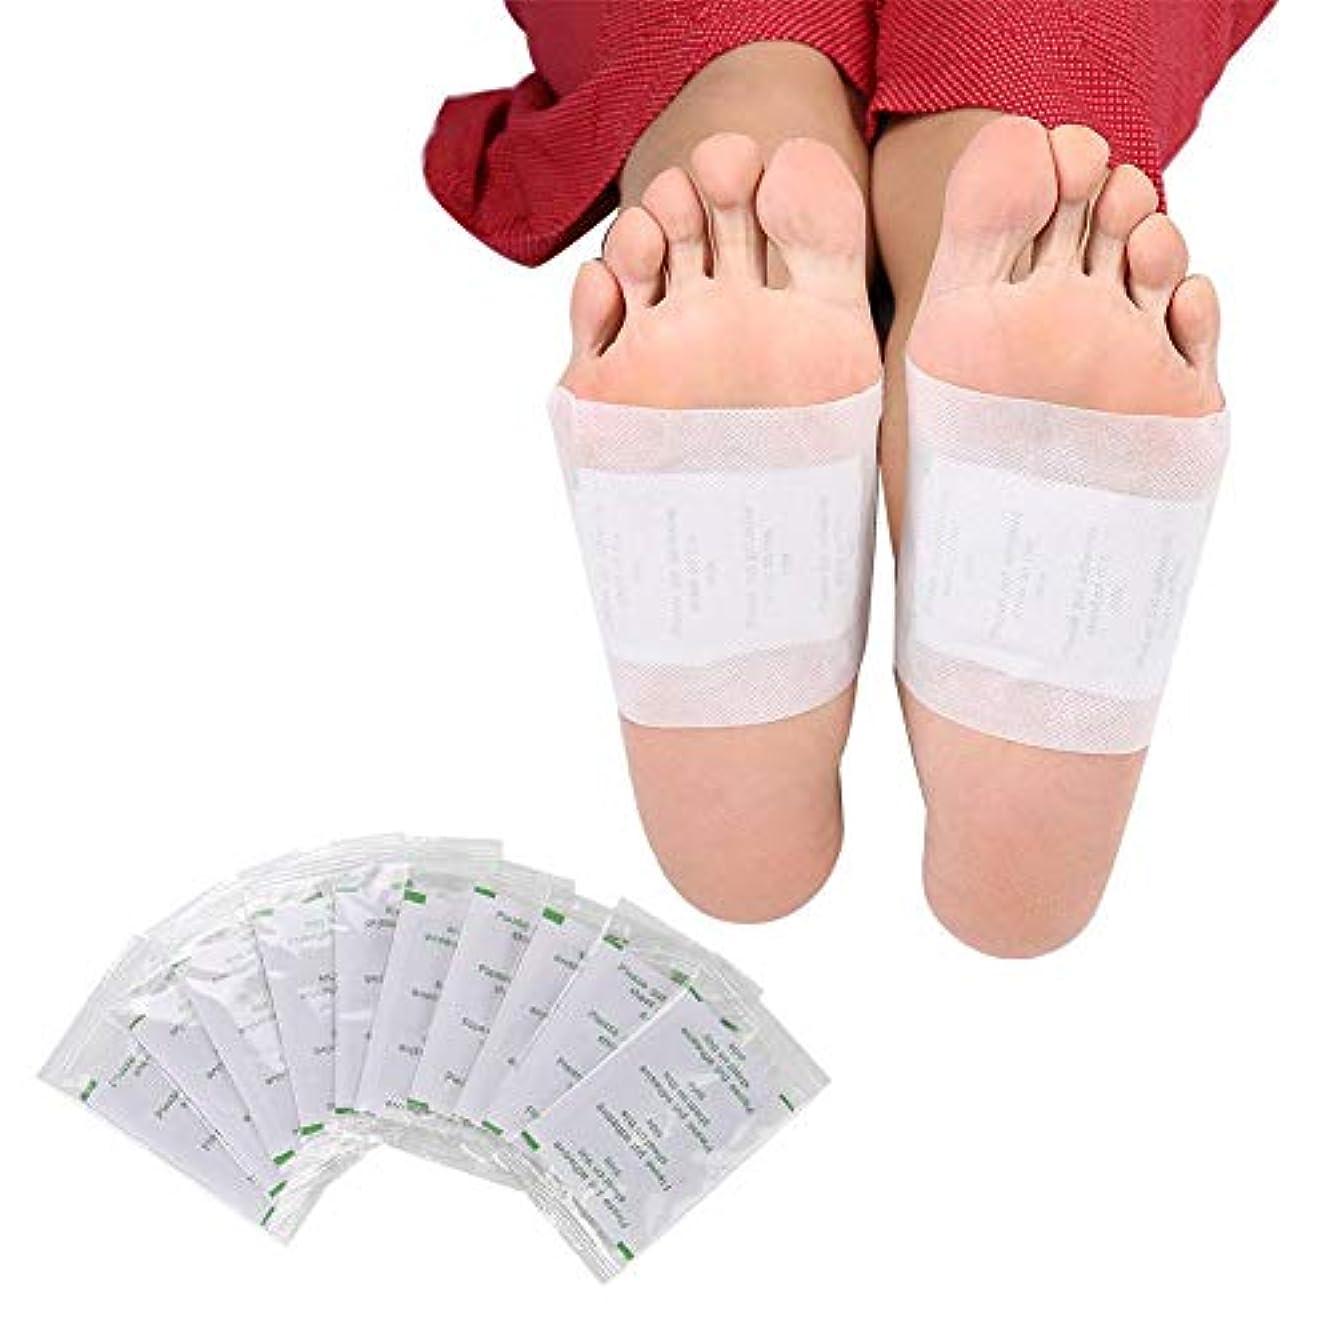 同等の間収穫ボディデトックスフットパッチ、女性と男性の看護の足に最適なヘルスケアフット接着パッド除去毒素ストレス回復